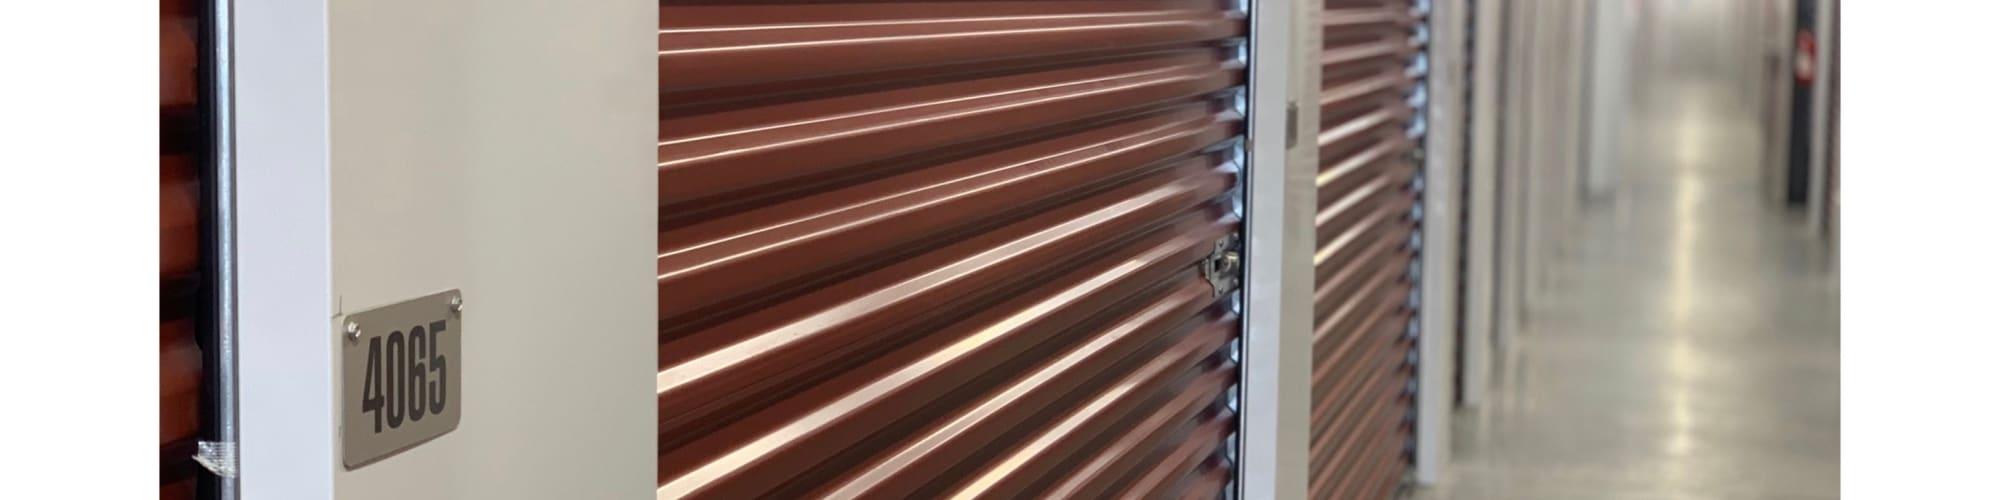 SOJO Self Storage in South Jordan, Utah has modern features